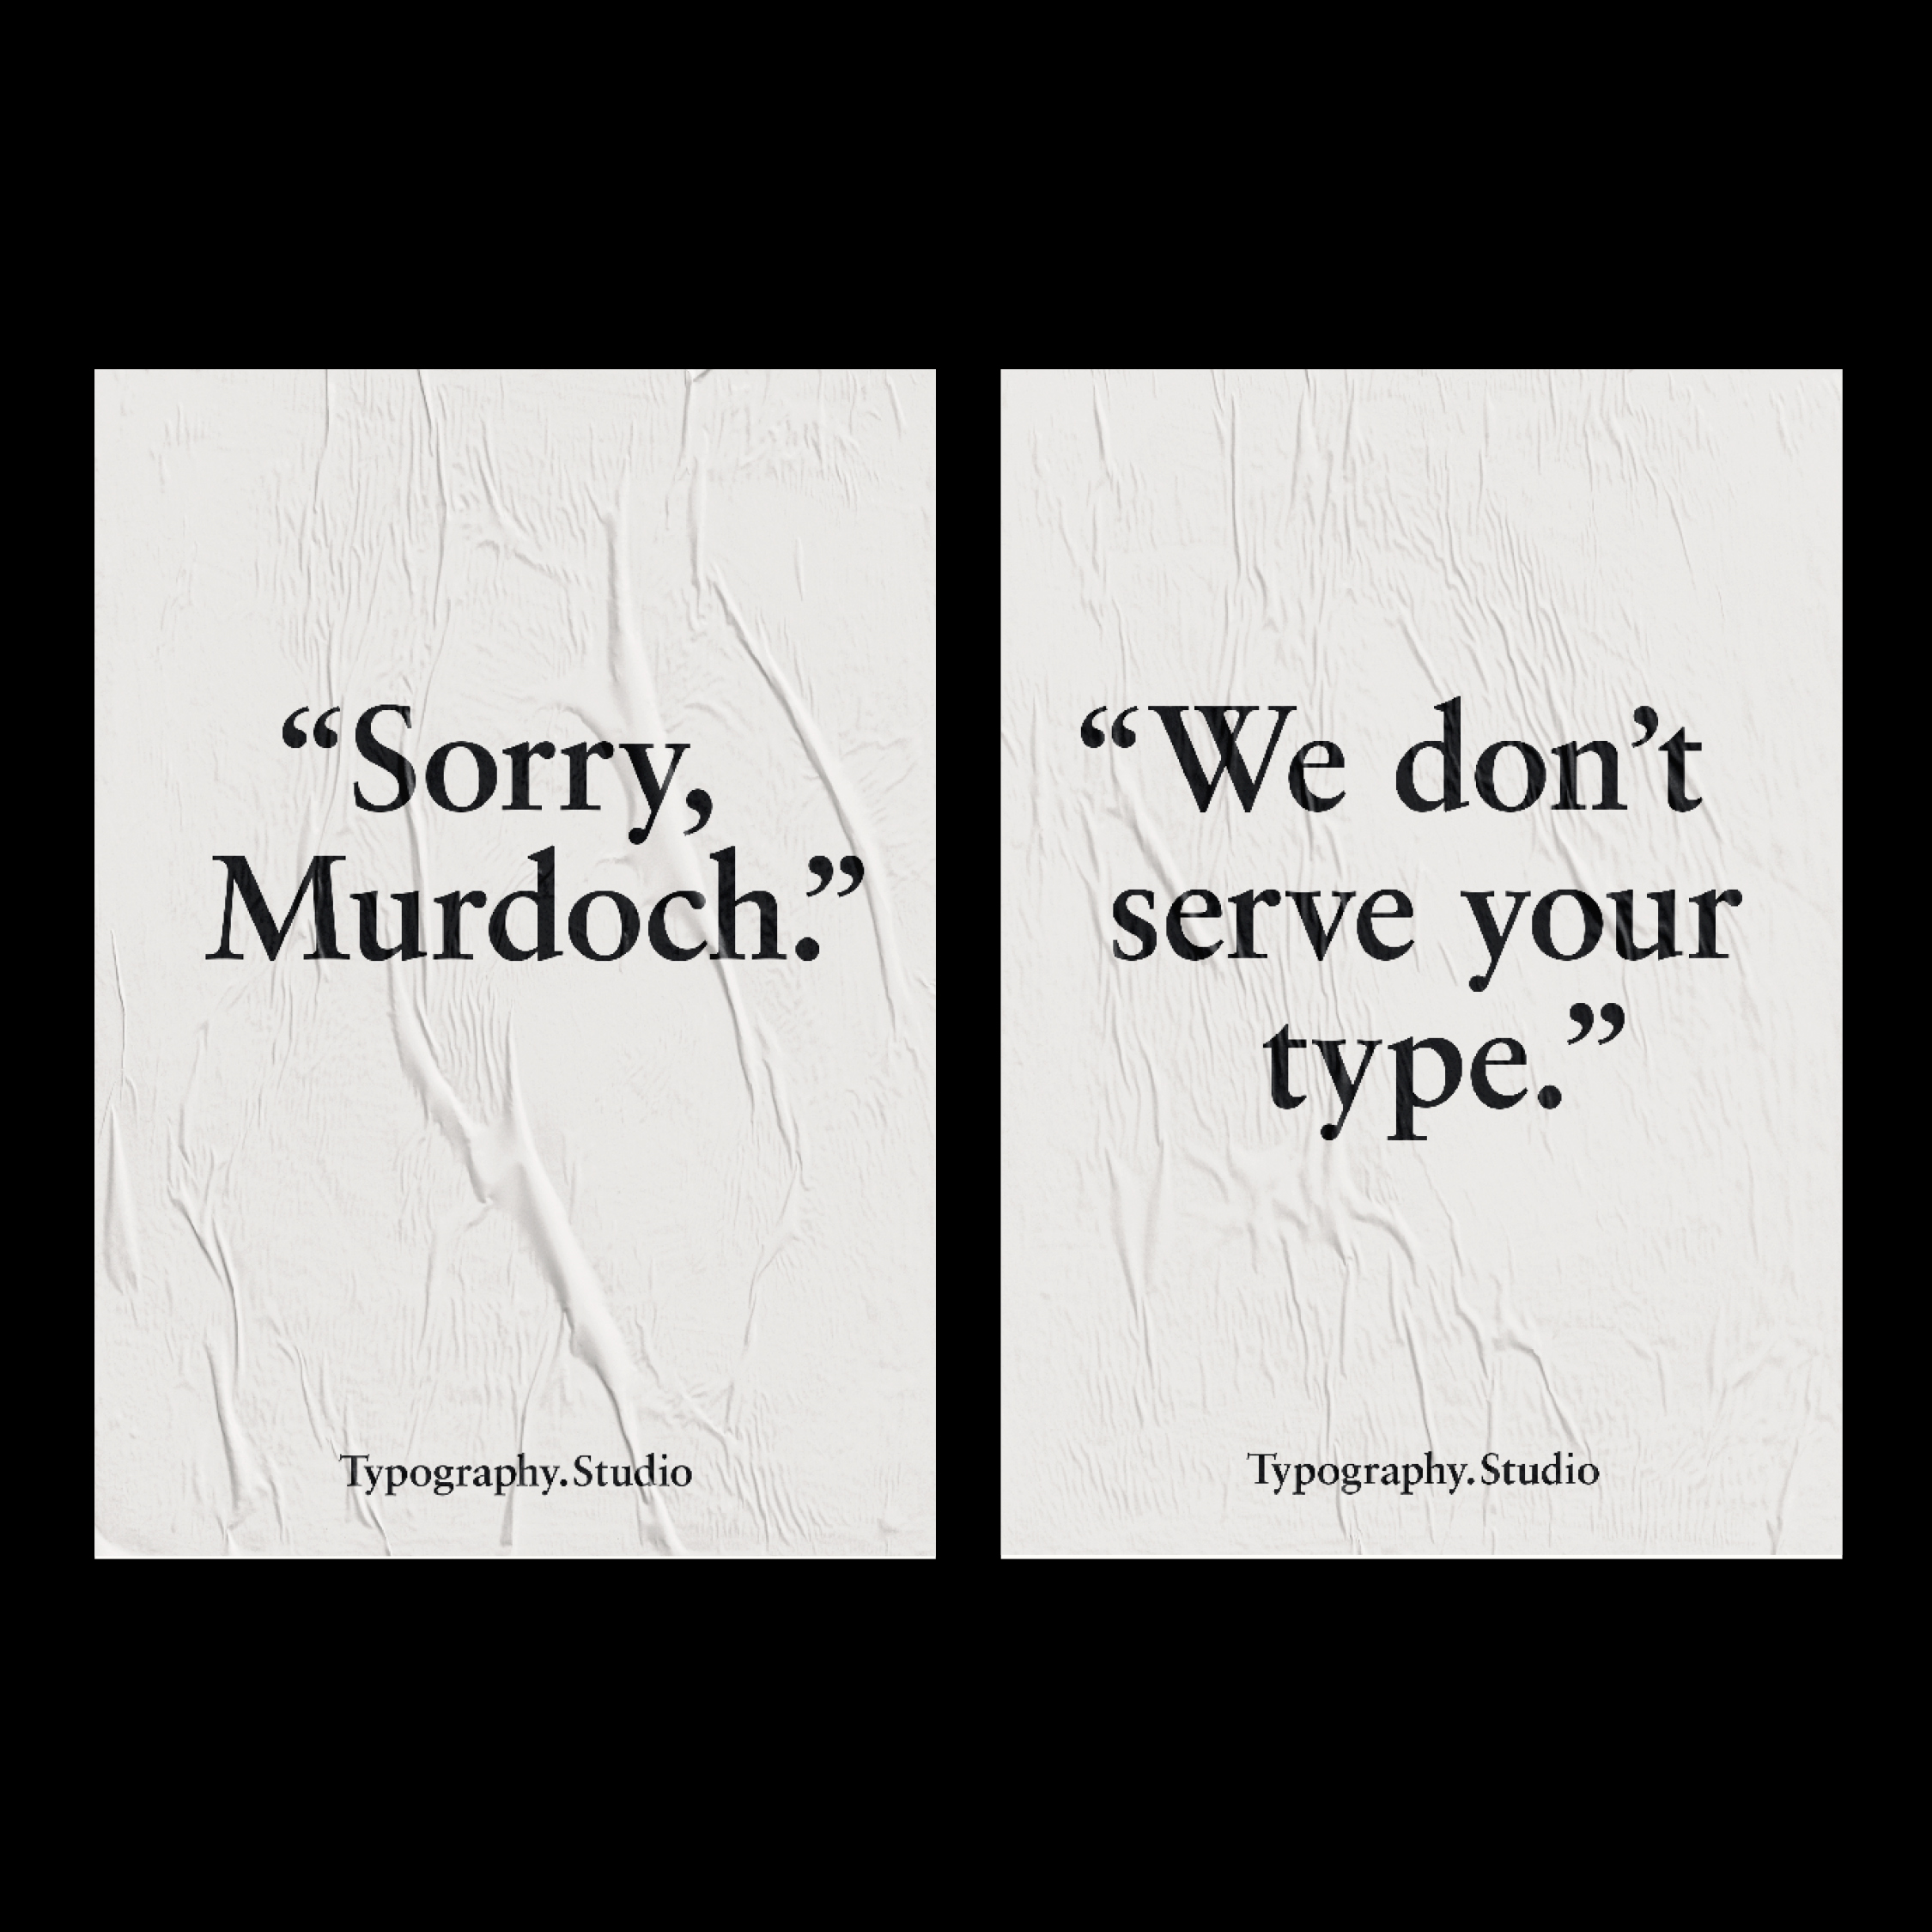 TS_SorryMurdoch_1080x1080.jpg